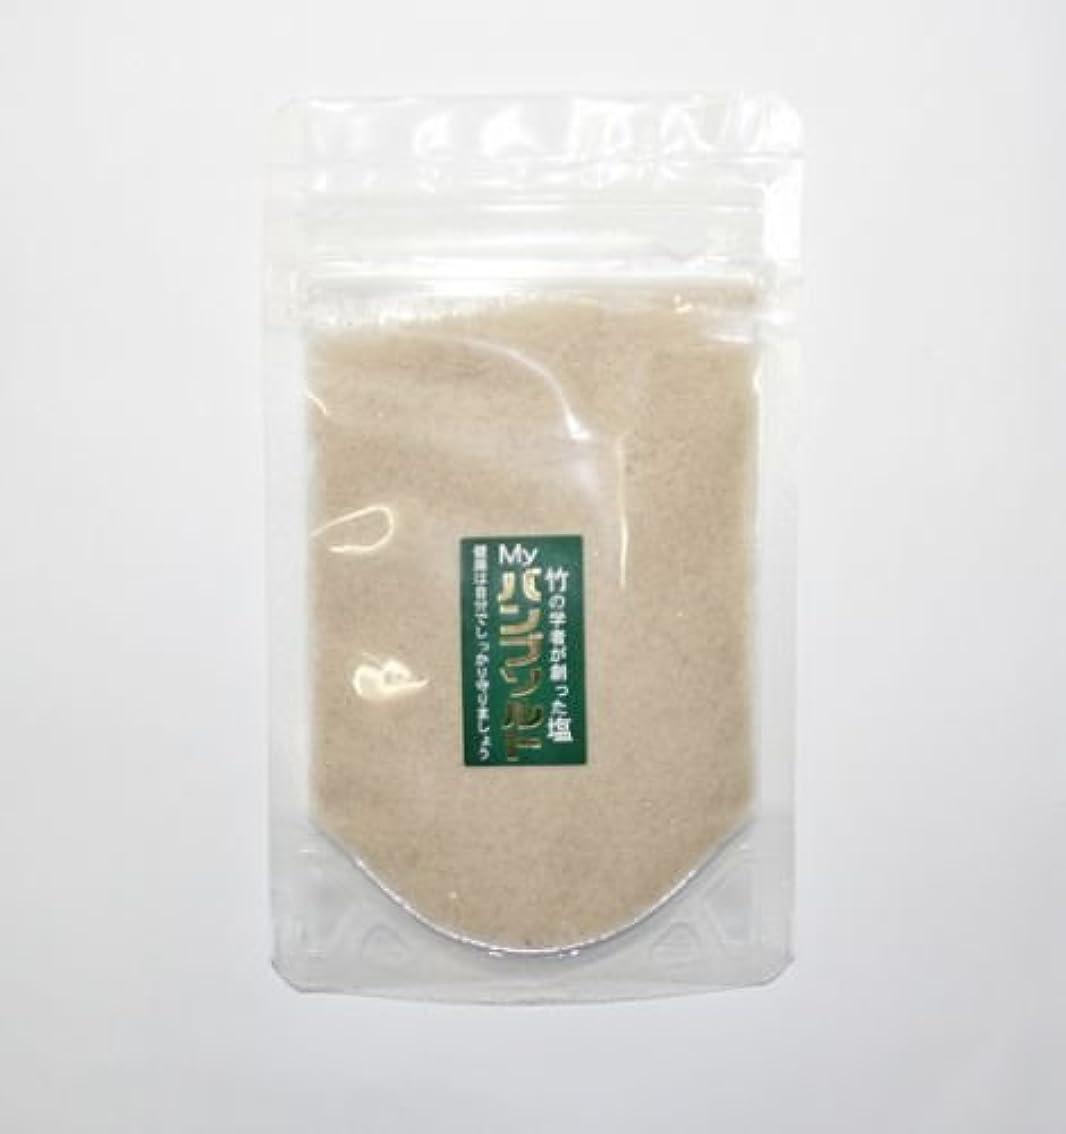 人物バイナリプライムバンブソルト詰め替え用(内容量:50g)